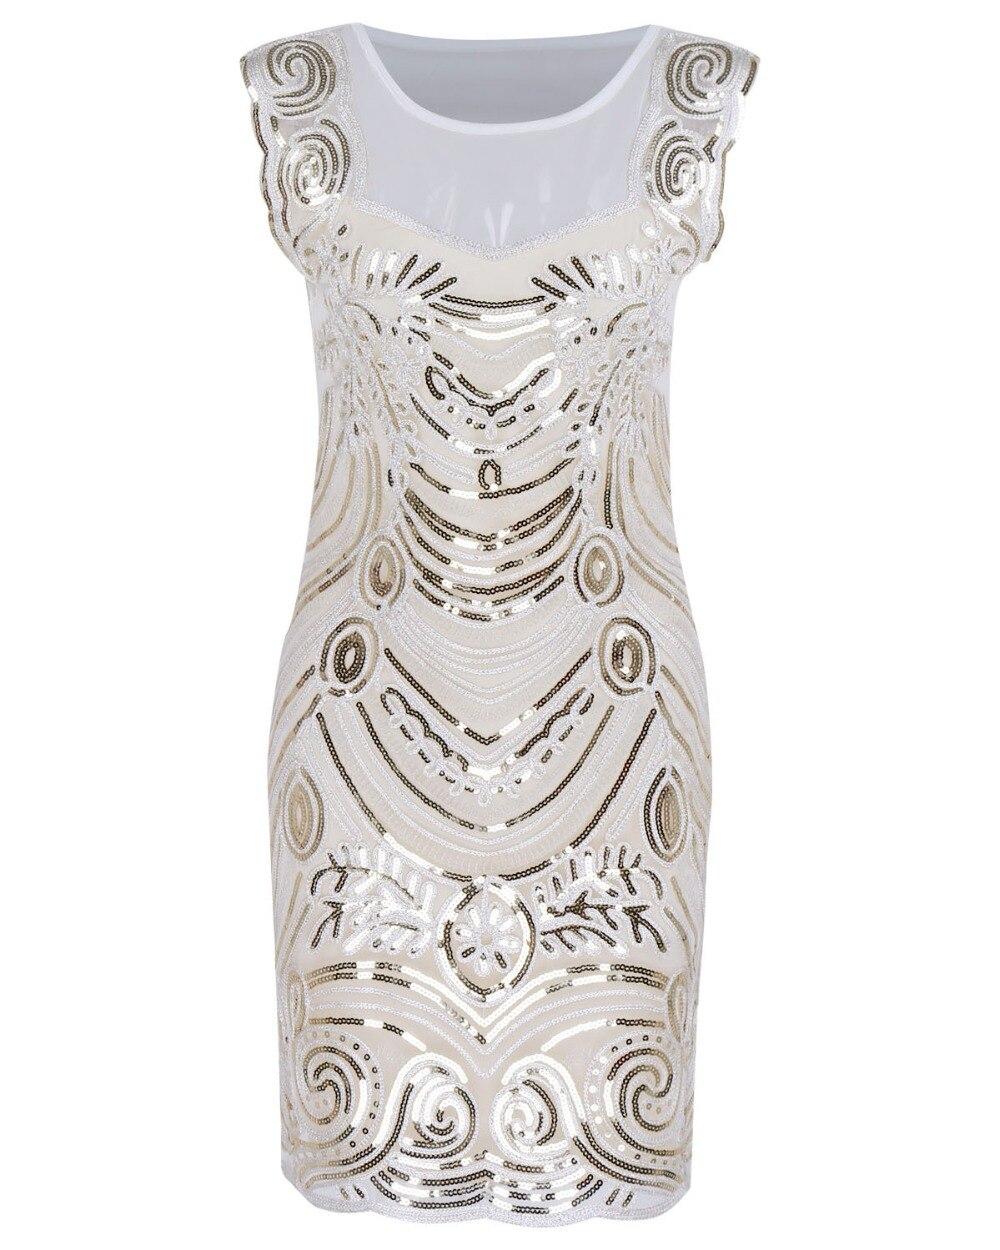 гэтсби платье заказать на aliexpress